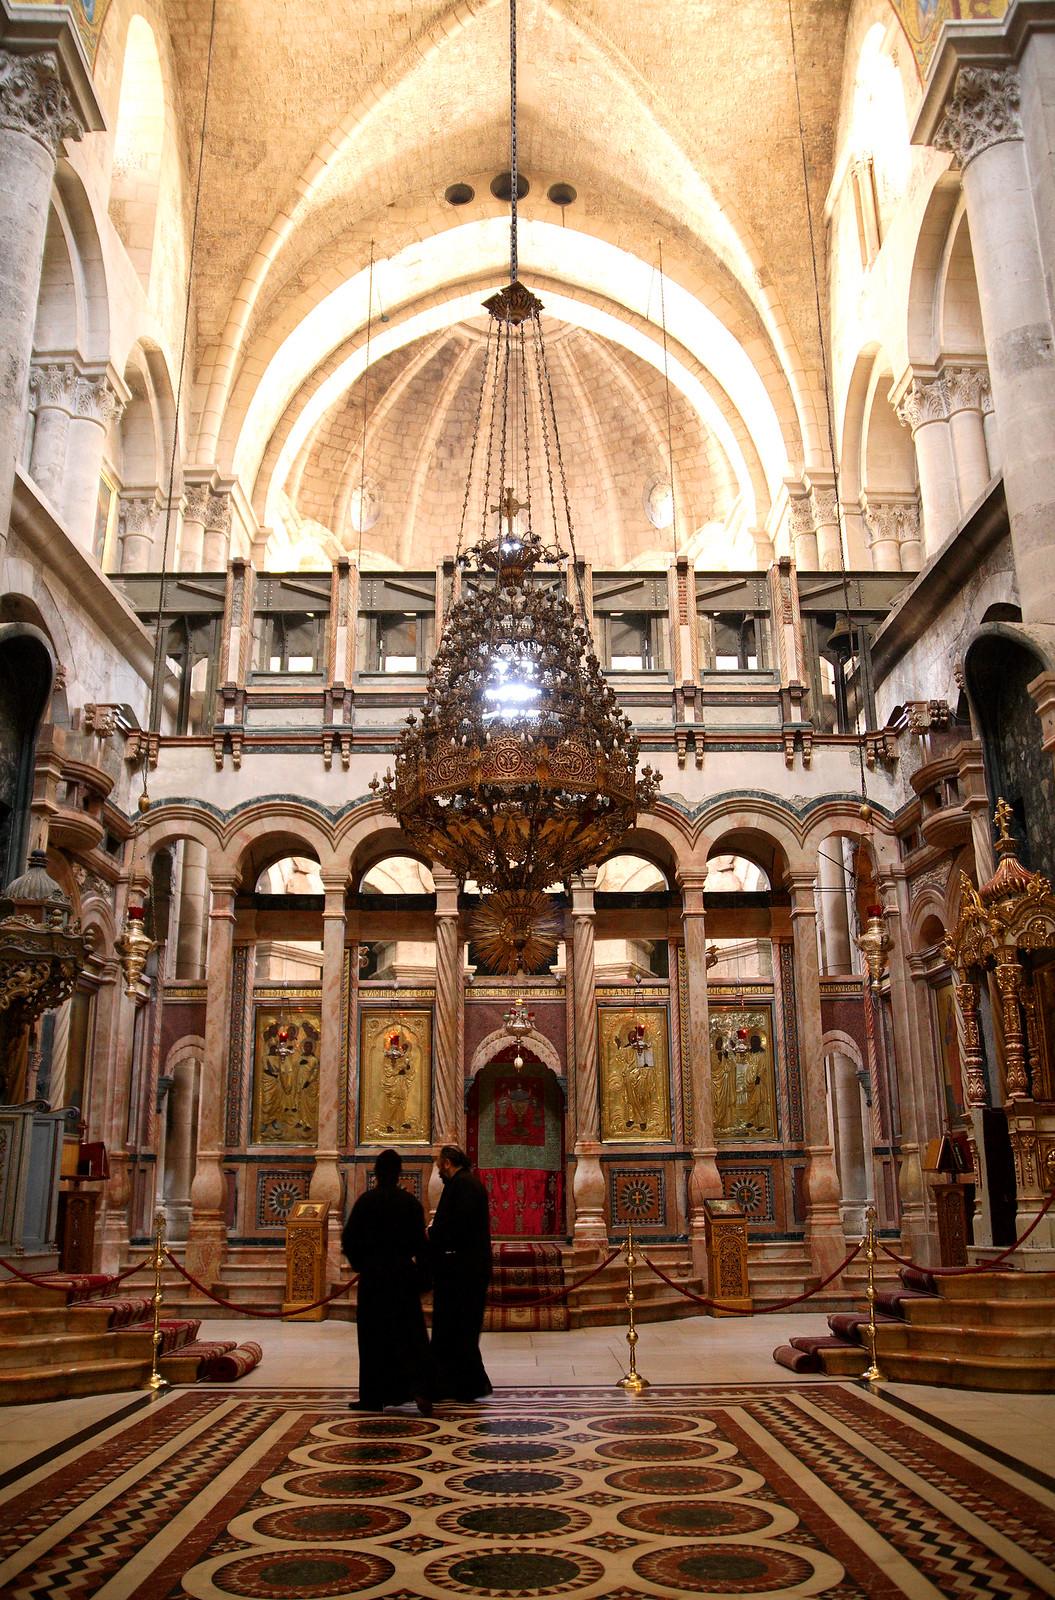 Jerusalem_Holy Sepulcher_8_Noam Chen_IMOT